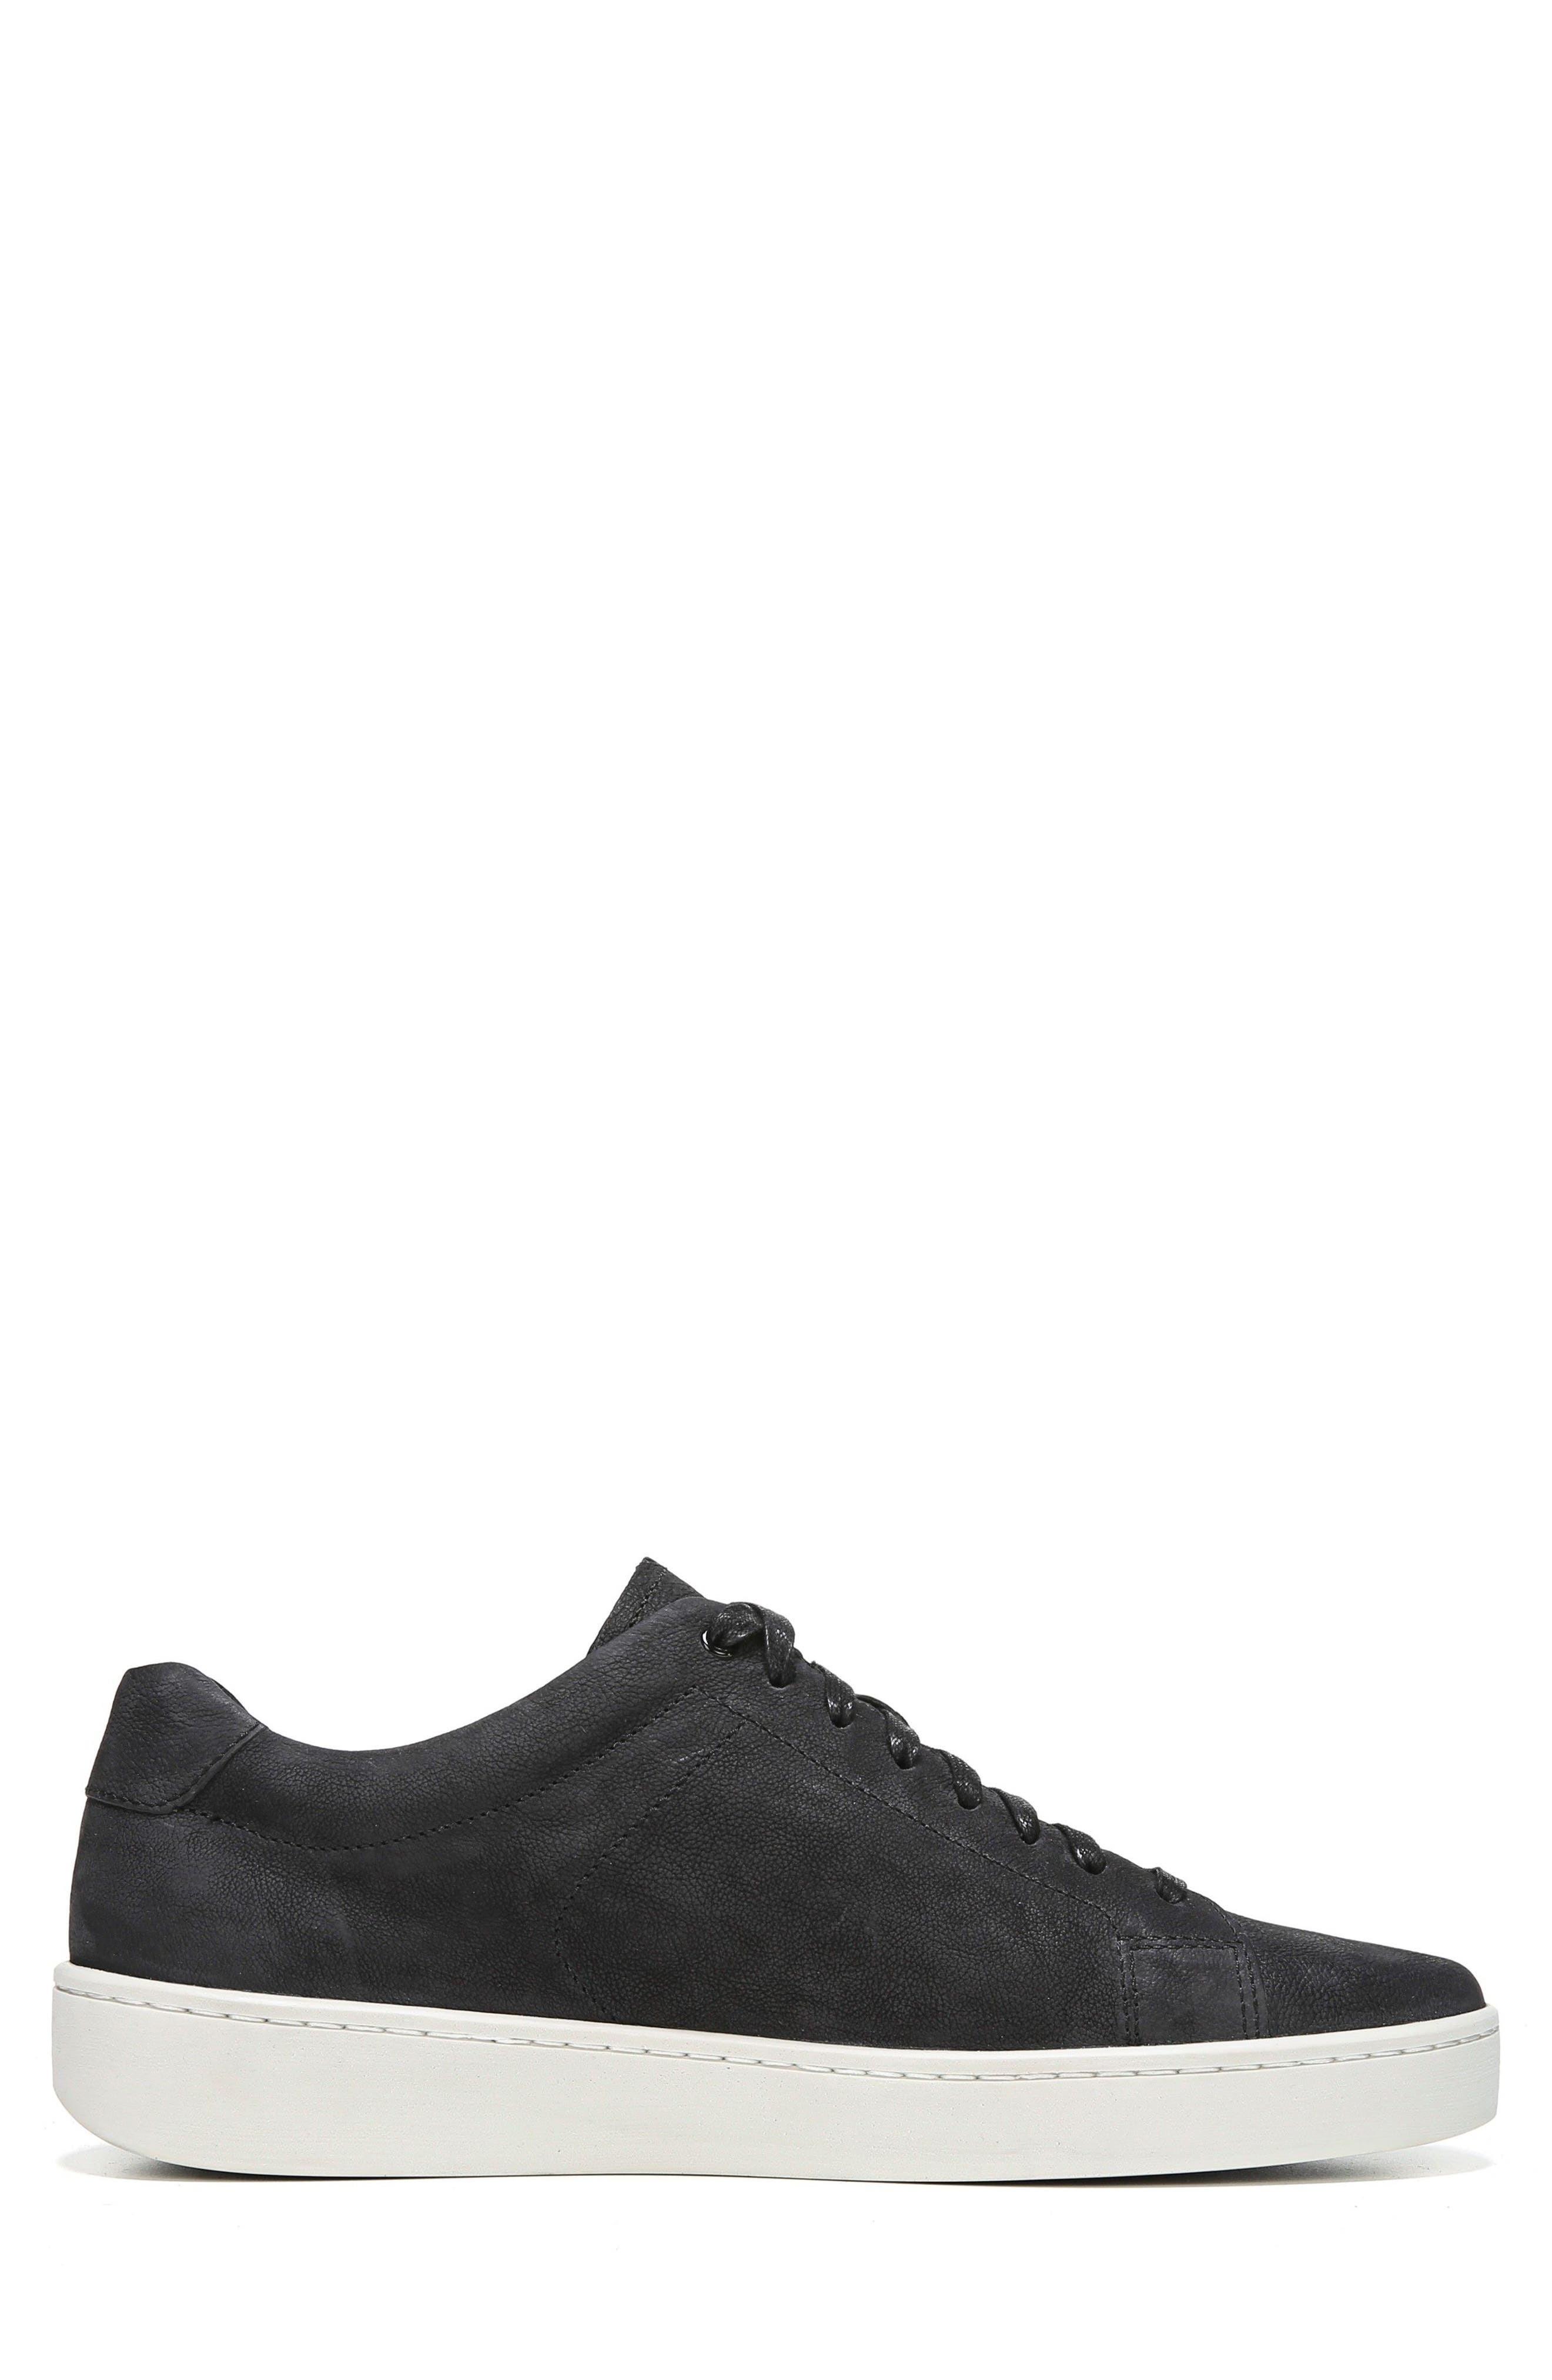 Slater Sneaker,                             Alternate thumbnail 6, color,                             BLACK NUBUCK